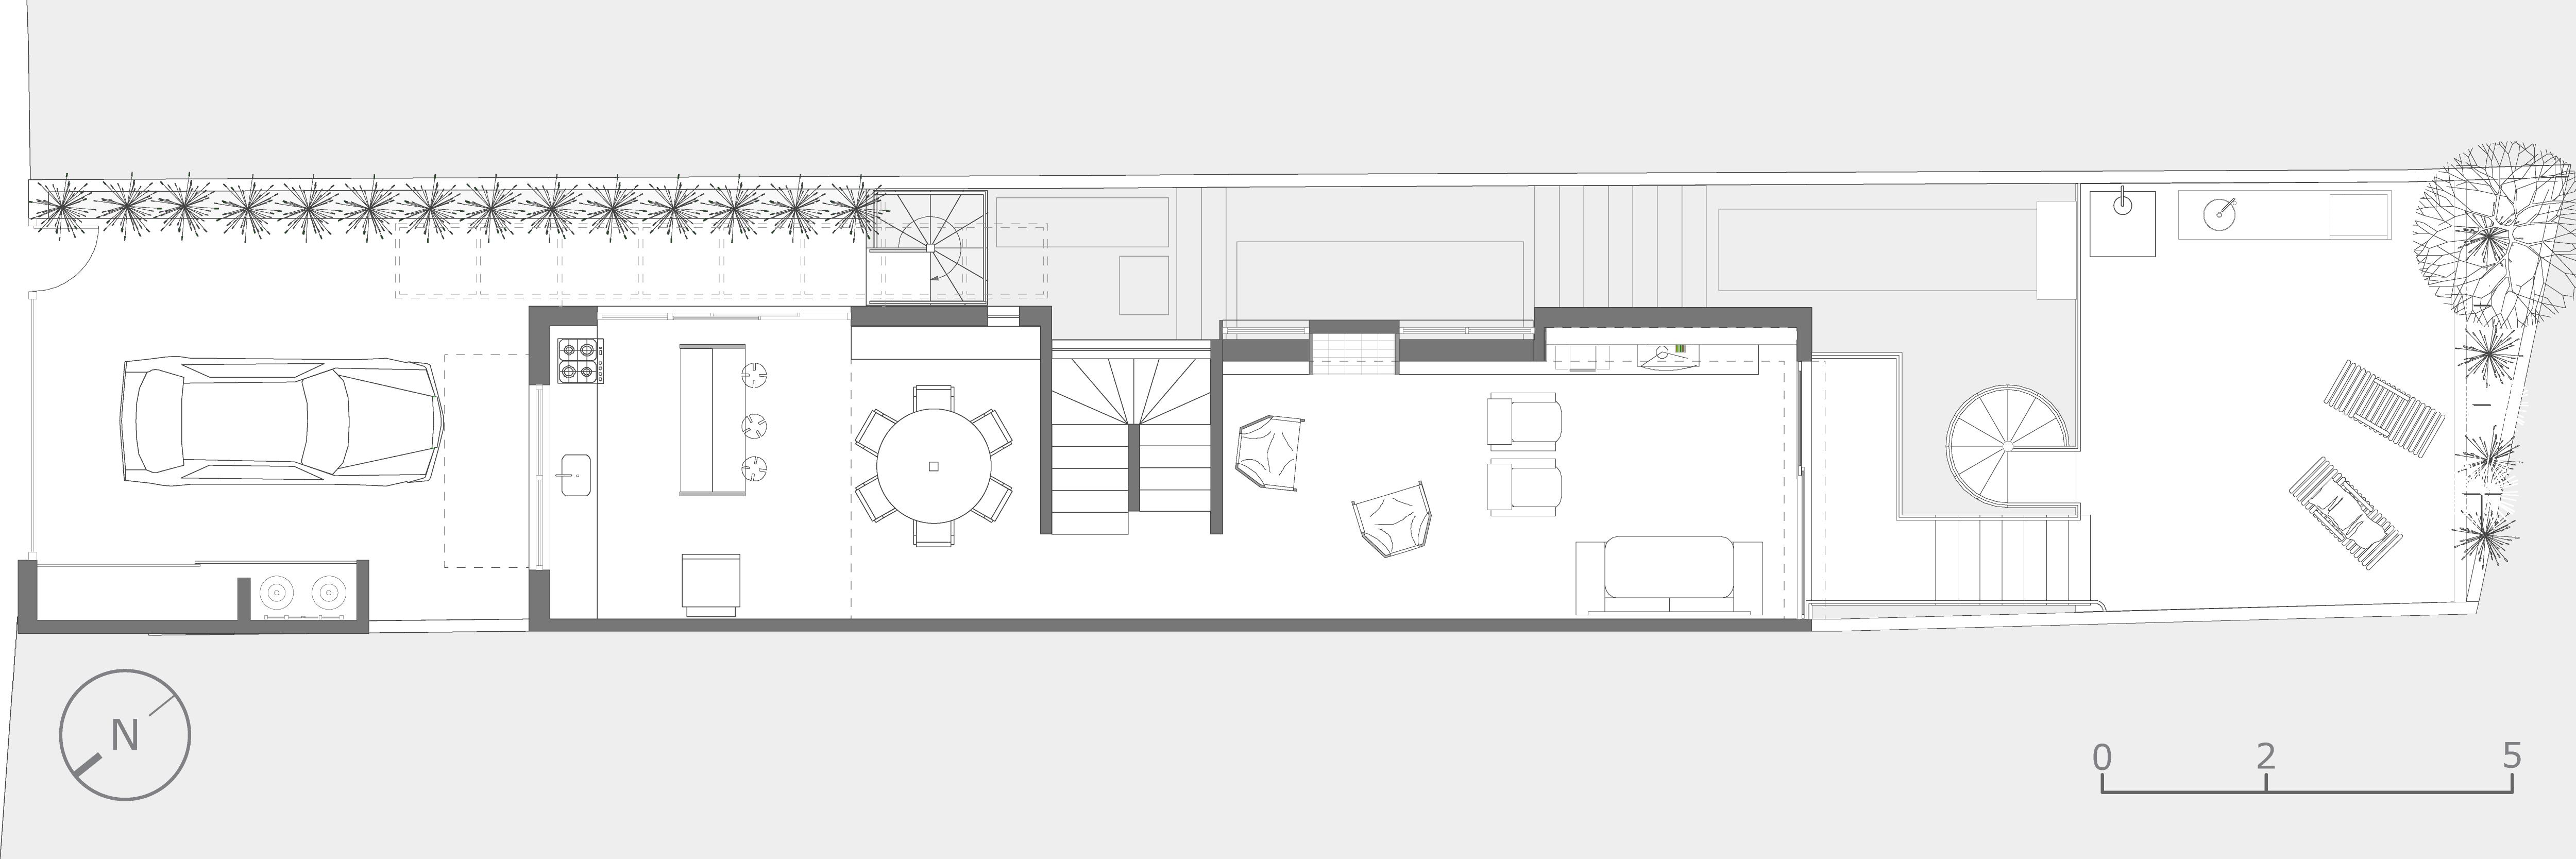 PessoaArquitetos_Casa Kovacs l_TER